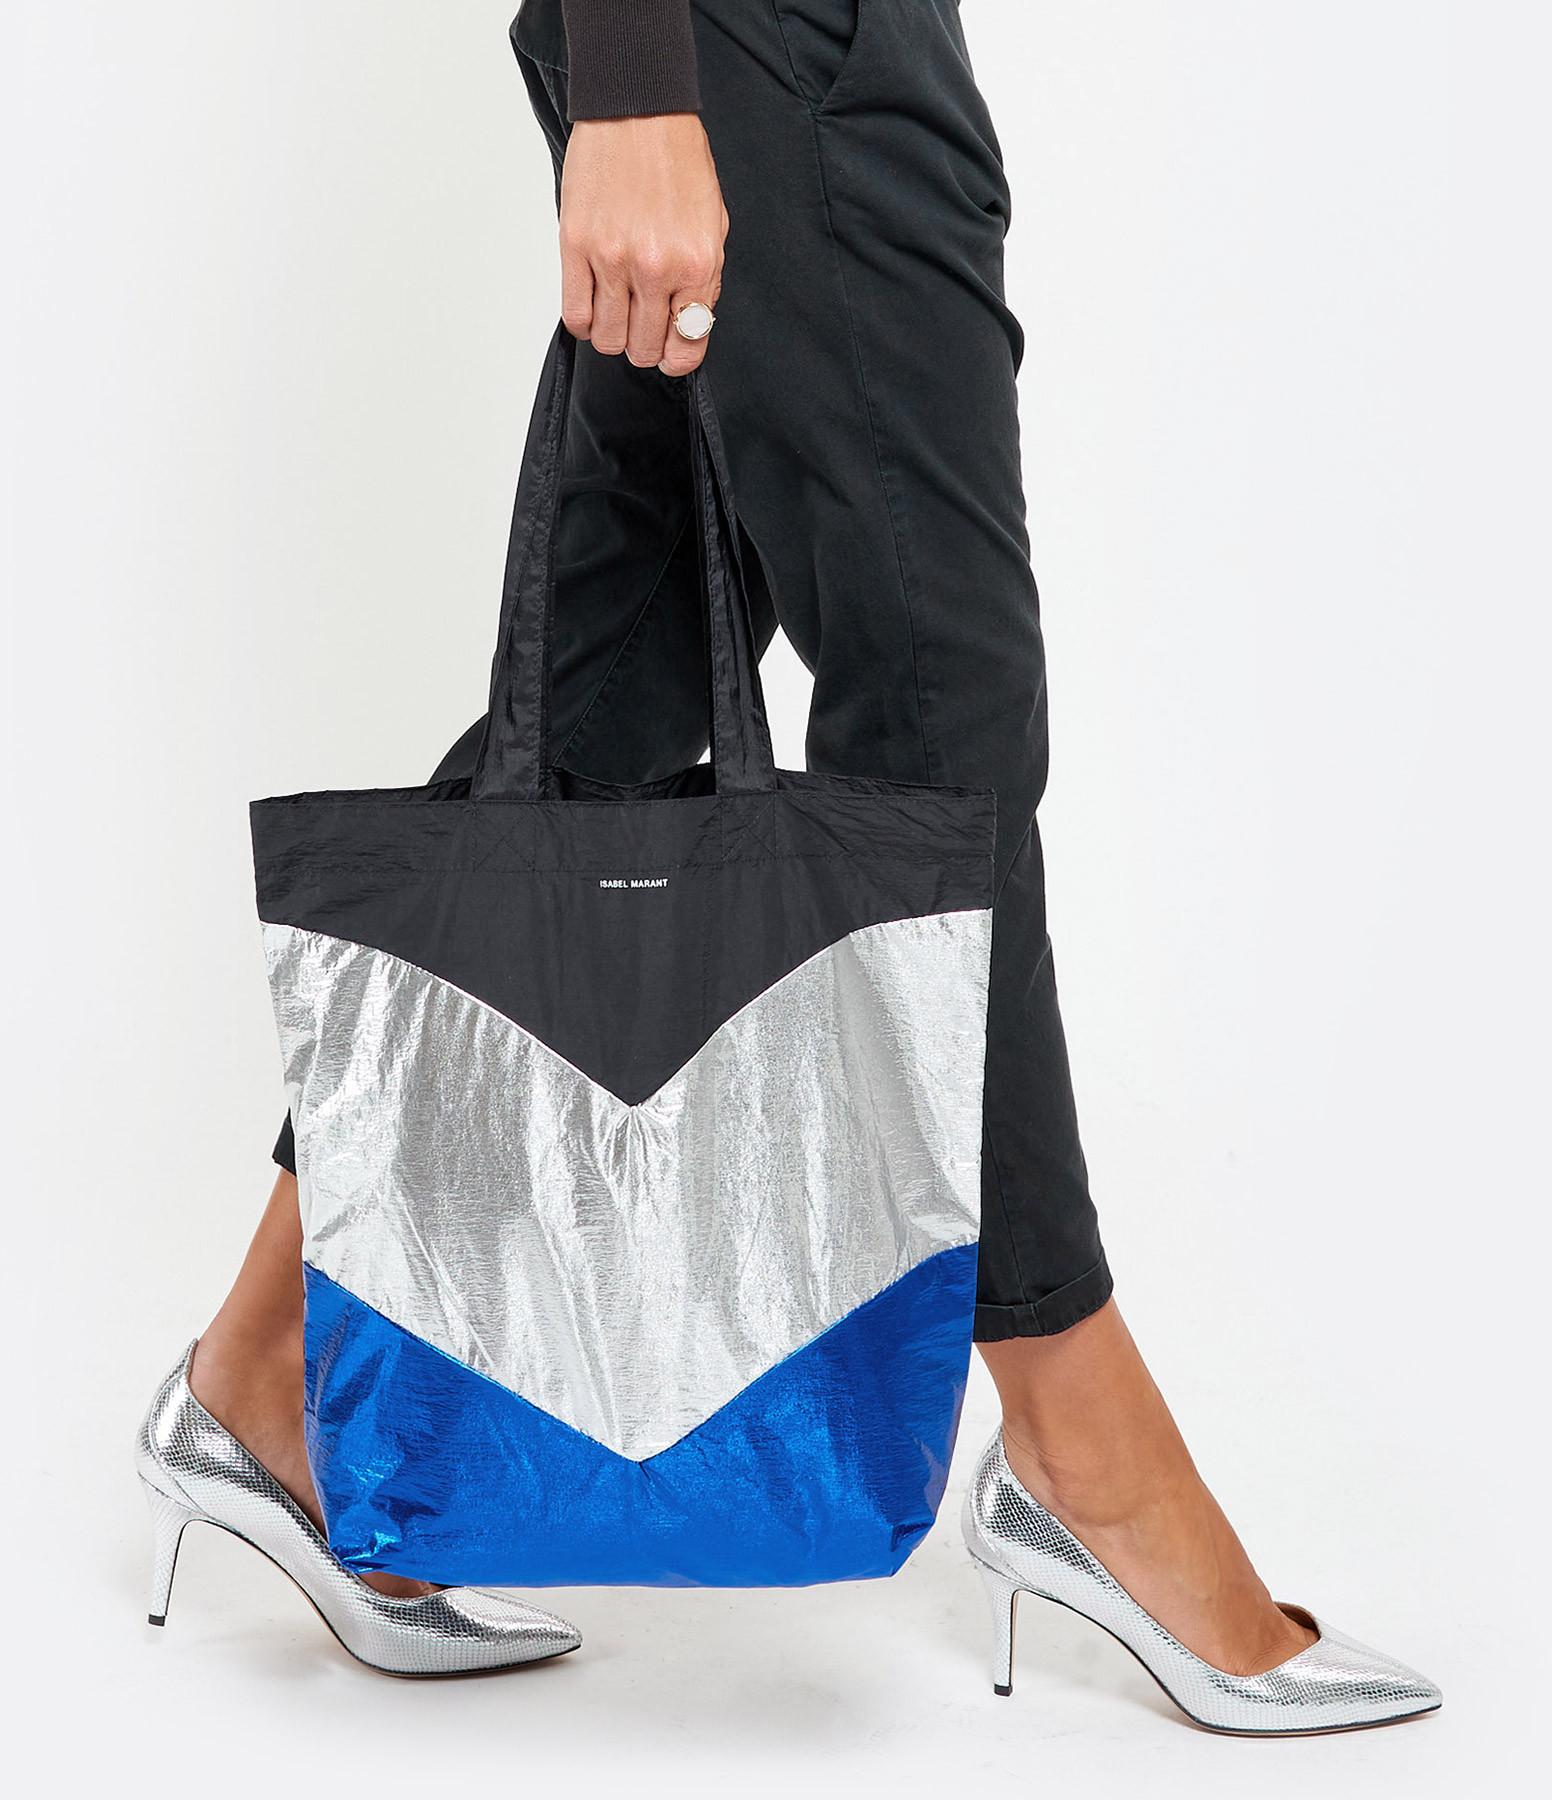 ISABEL MARANT - Sac Woom Bleu Noir Délavé